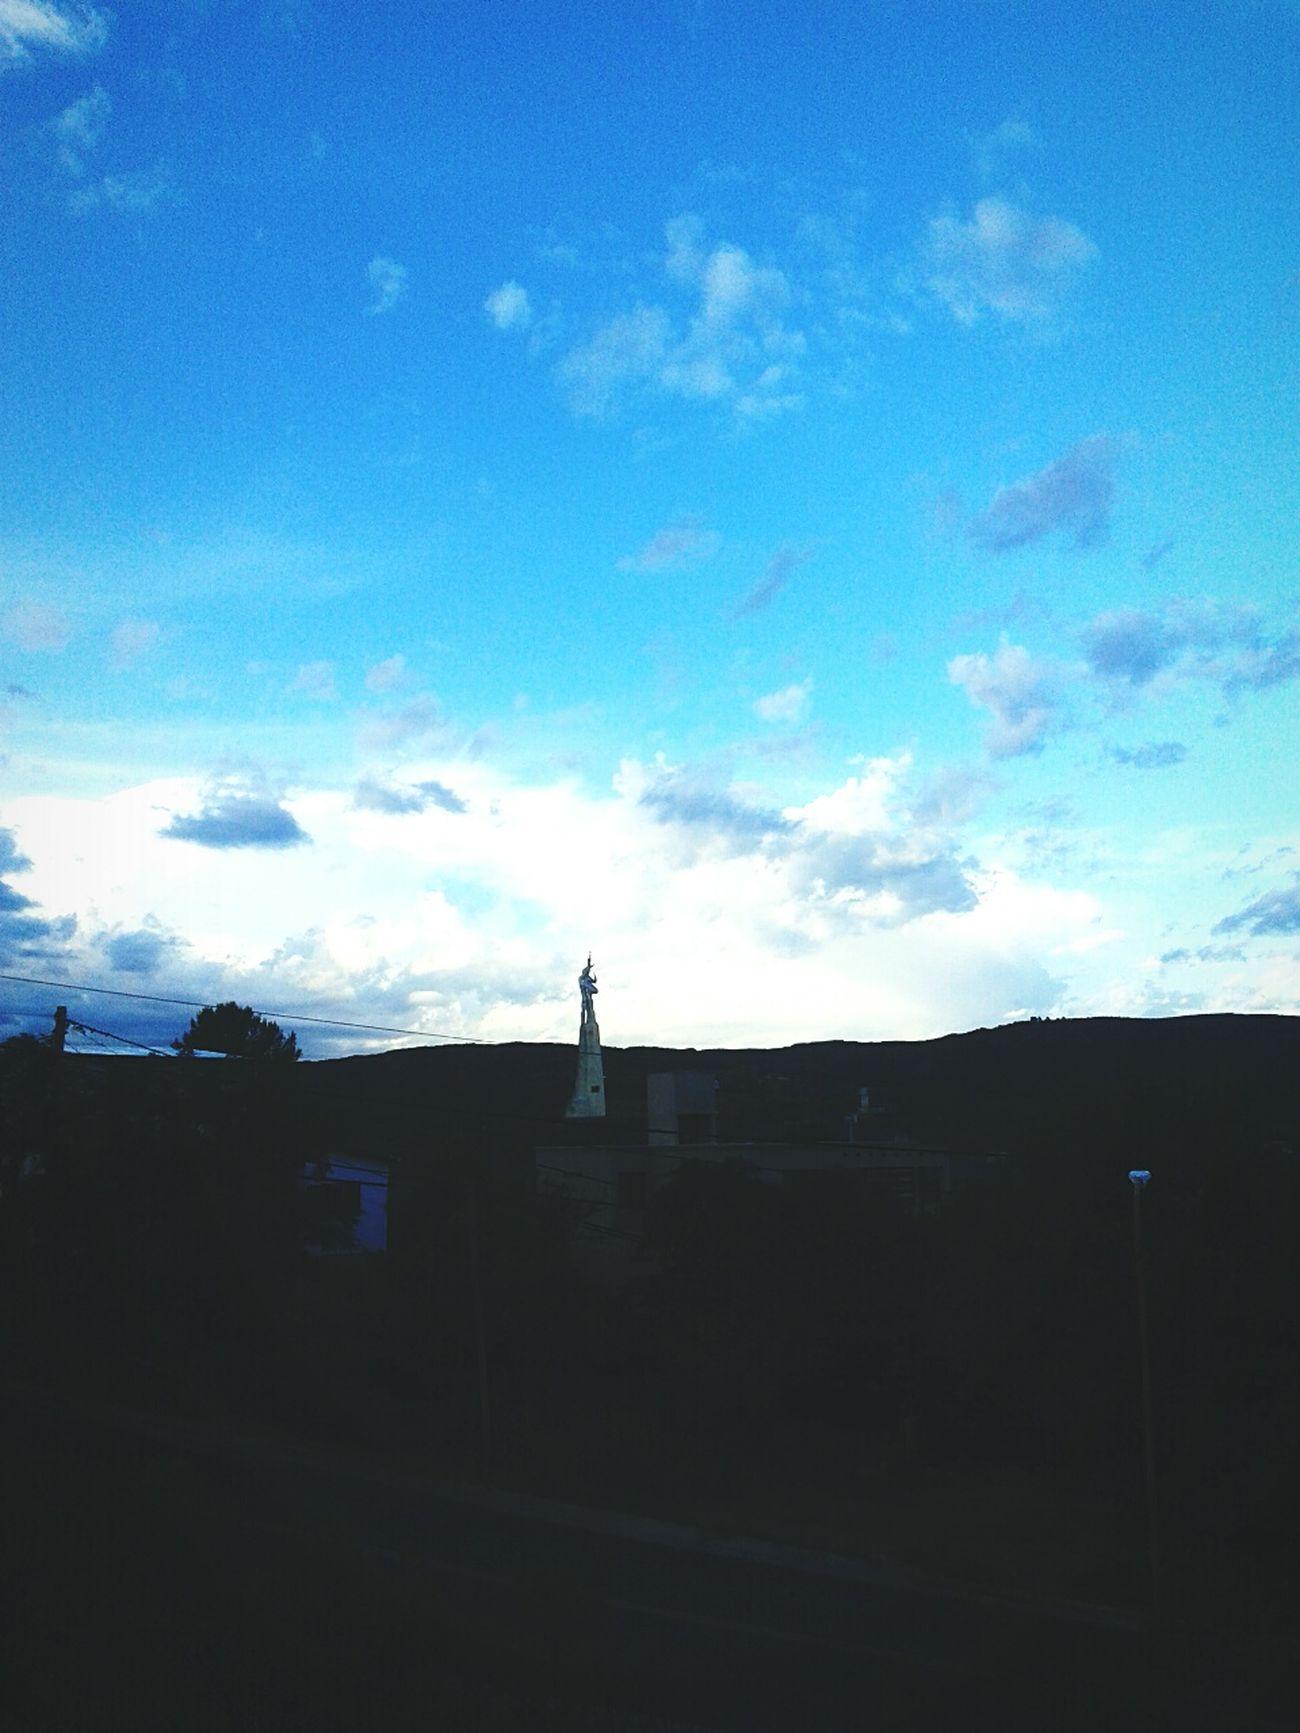 Nubesycielo Tanti City